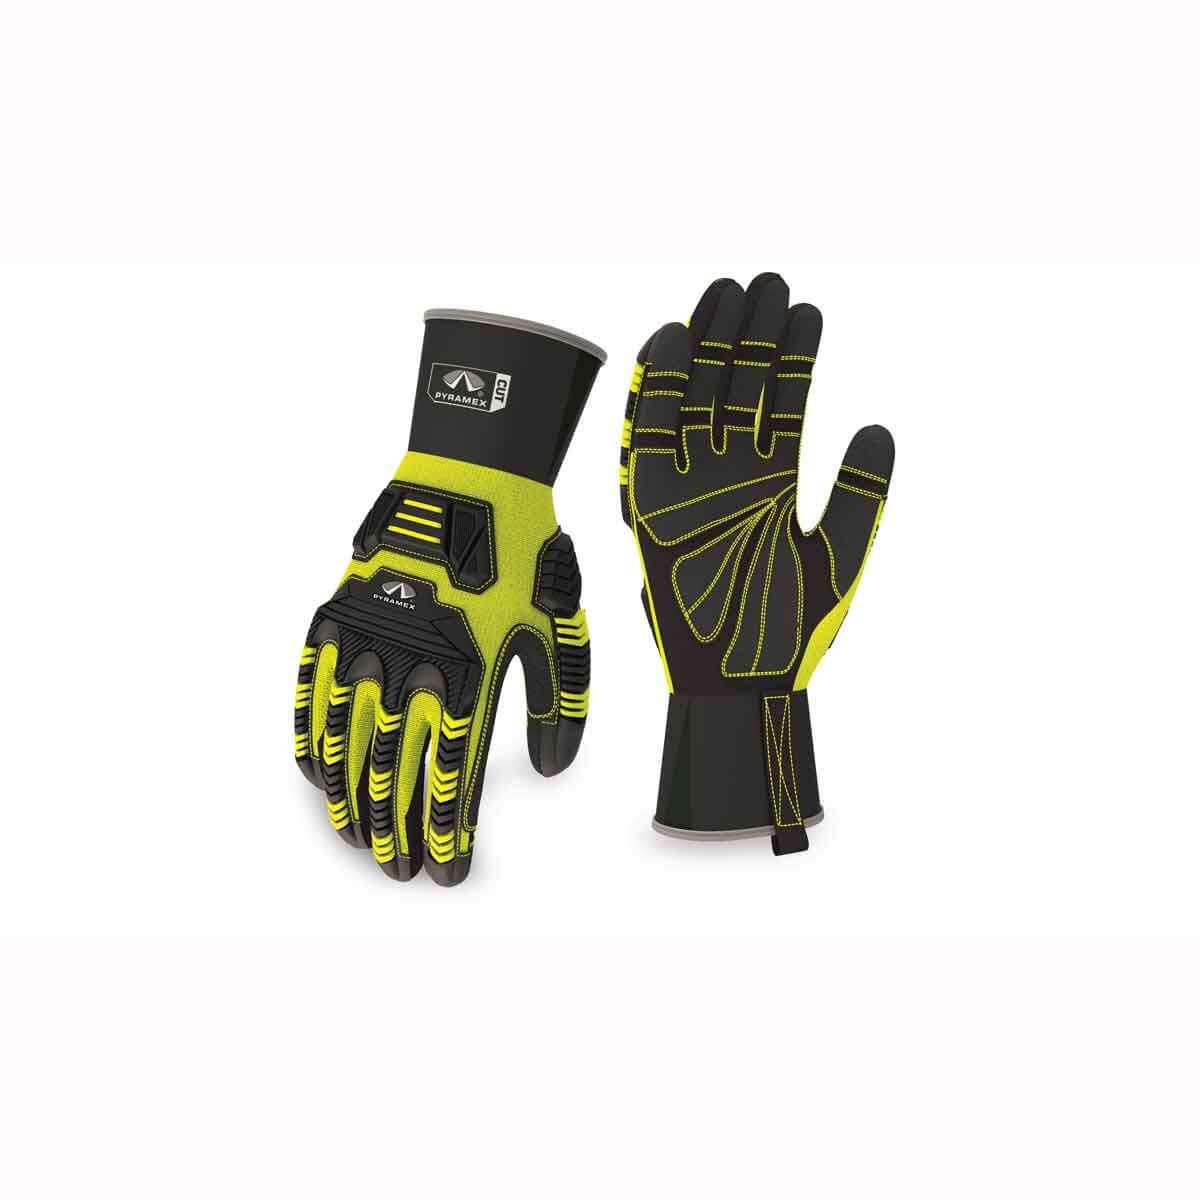 GL802CR Pyramex Maximum Duty Work Gloves